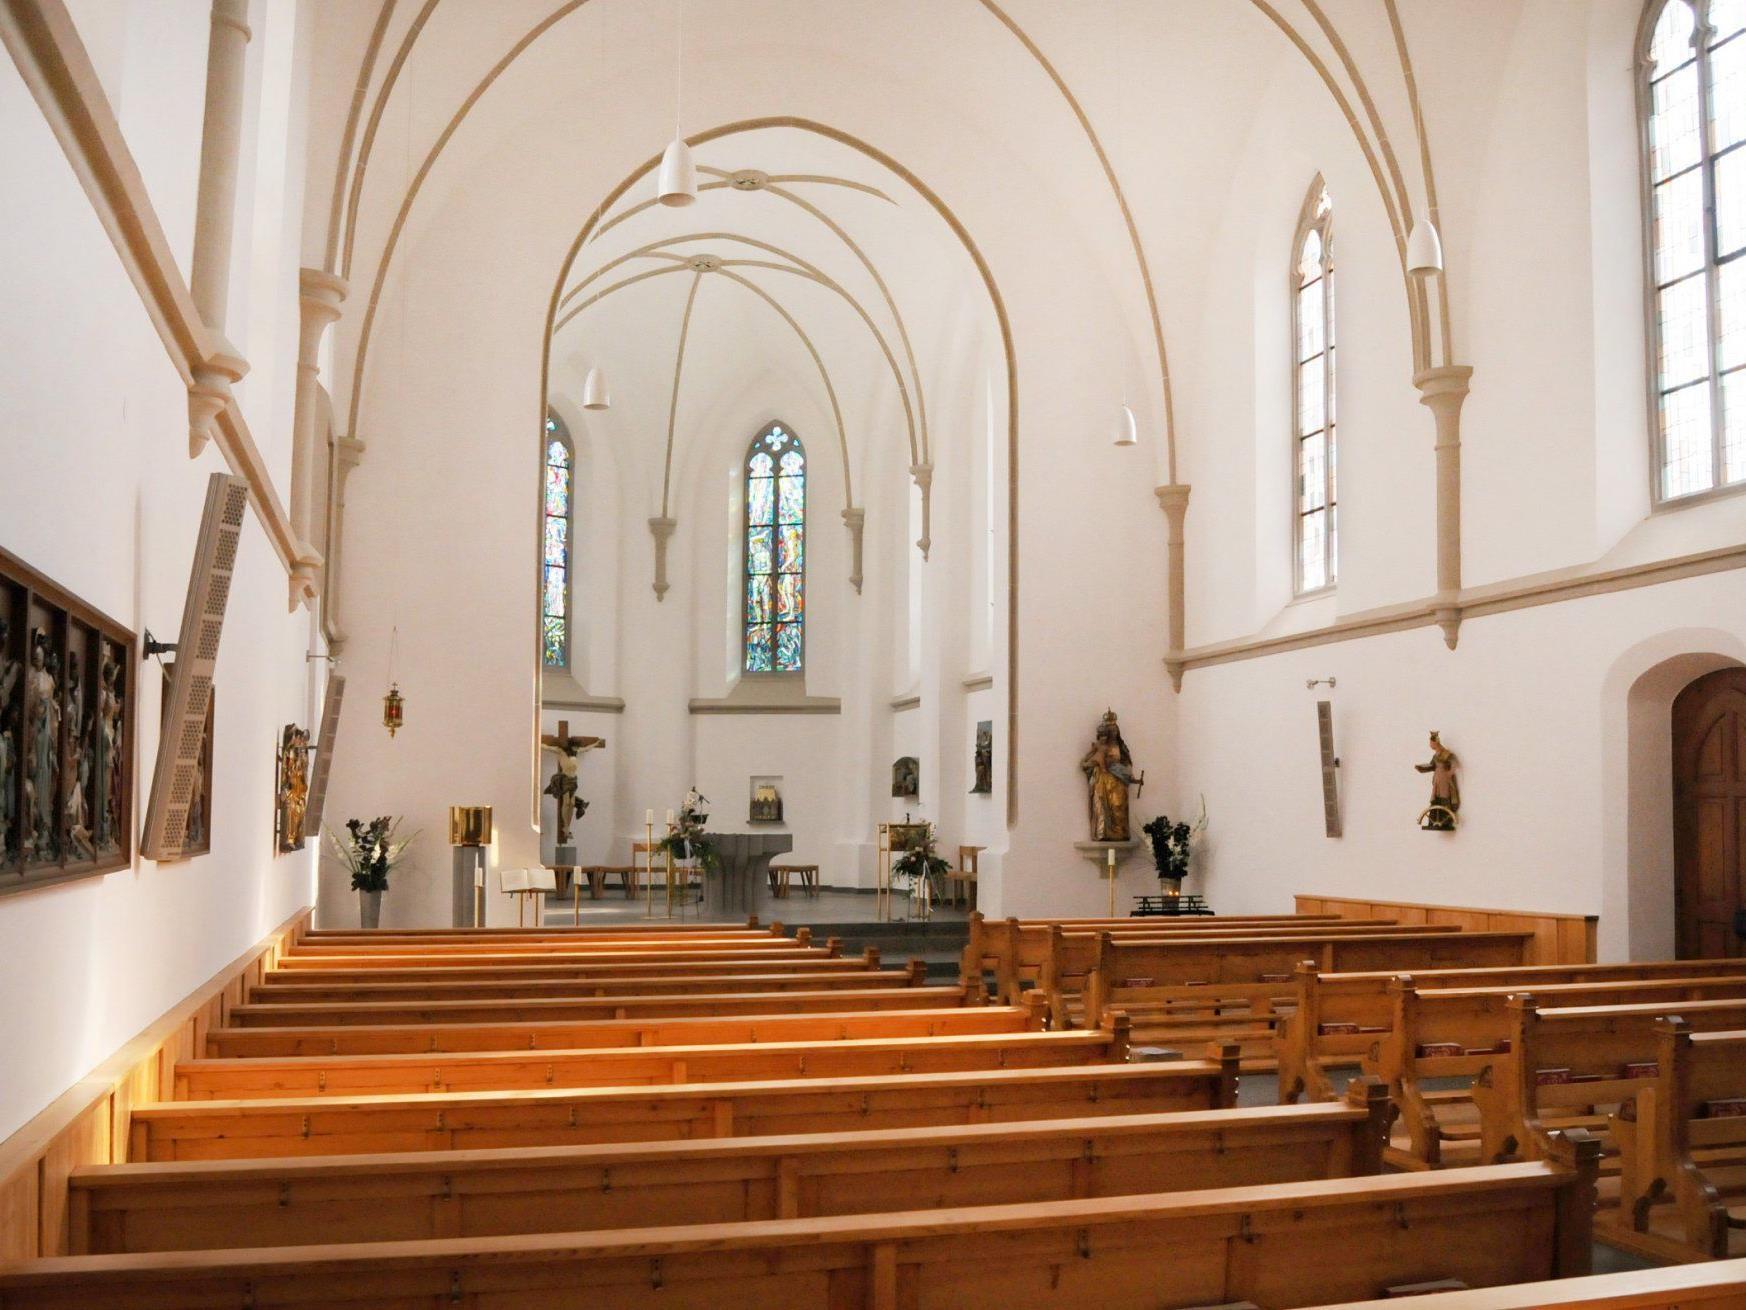 Am Sonntag, den 13. November, wird die renovierte Gaißauer Kirche gesegnet.